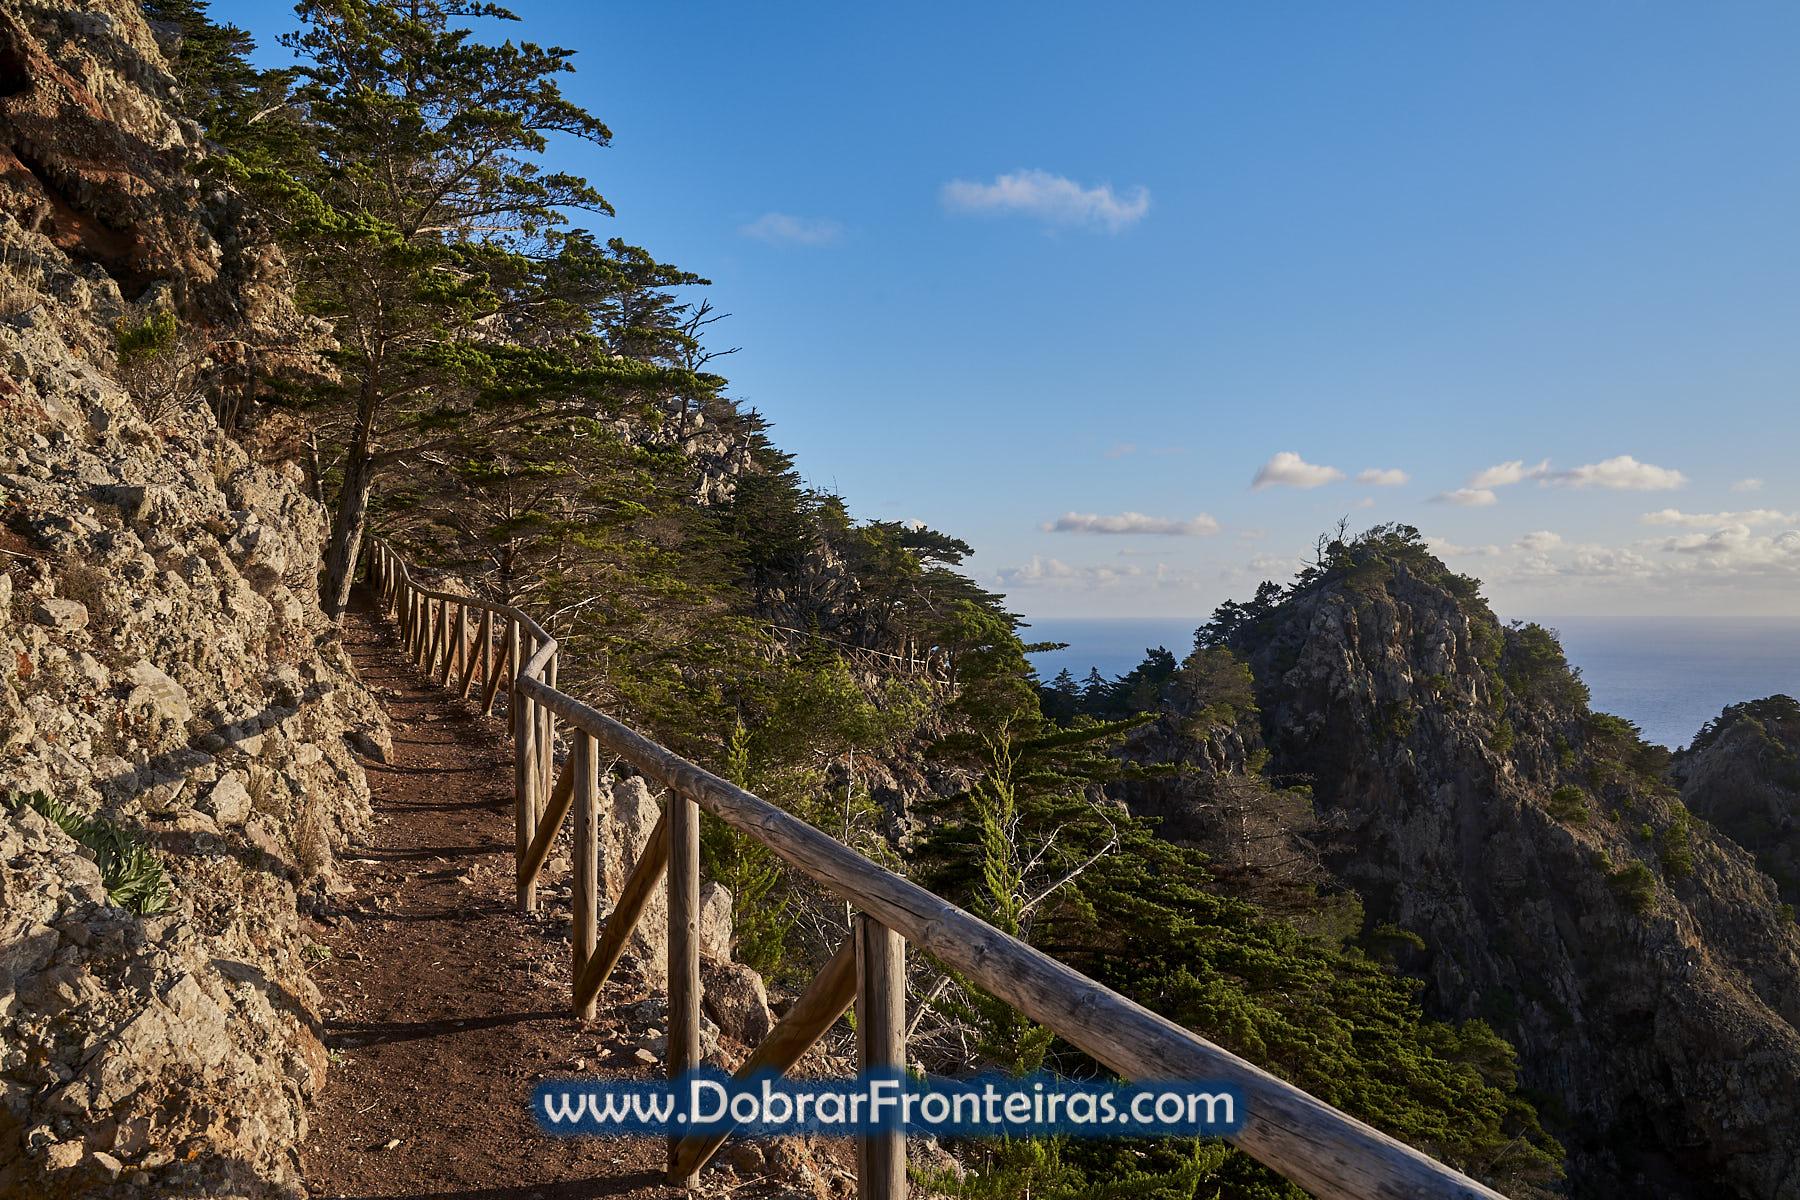 Percurso pedestre na ilha de Porto Santo com mar azul ao fundo